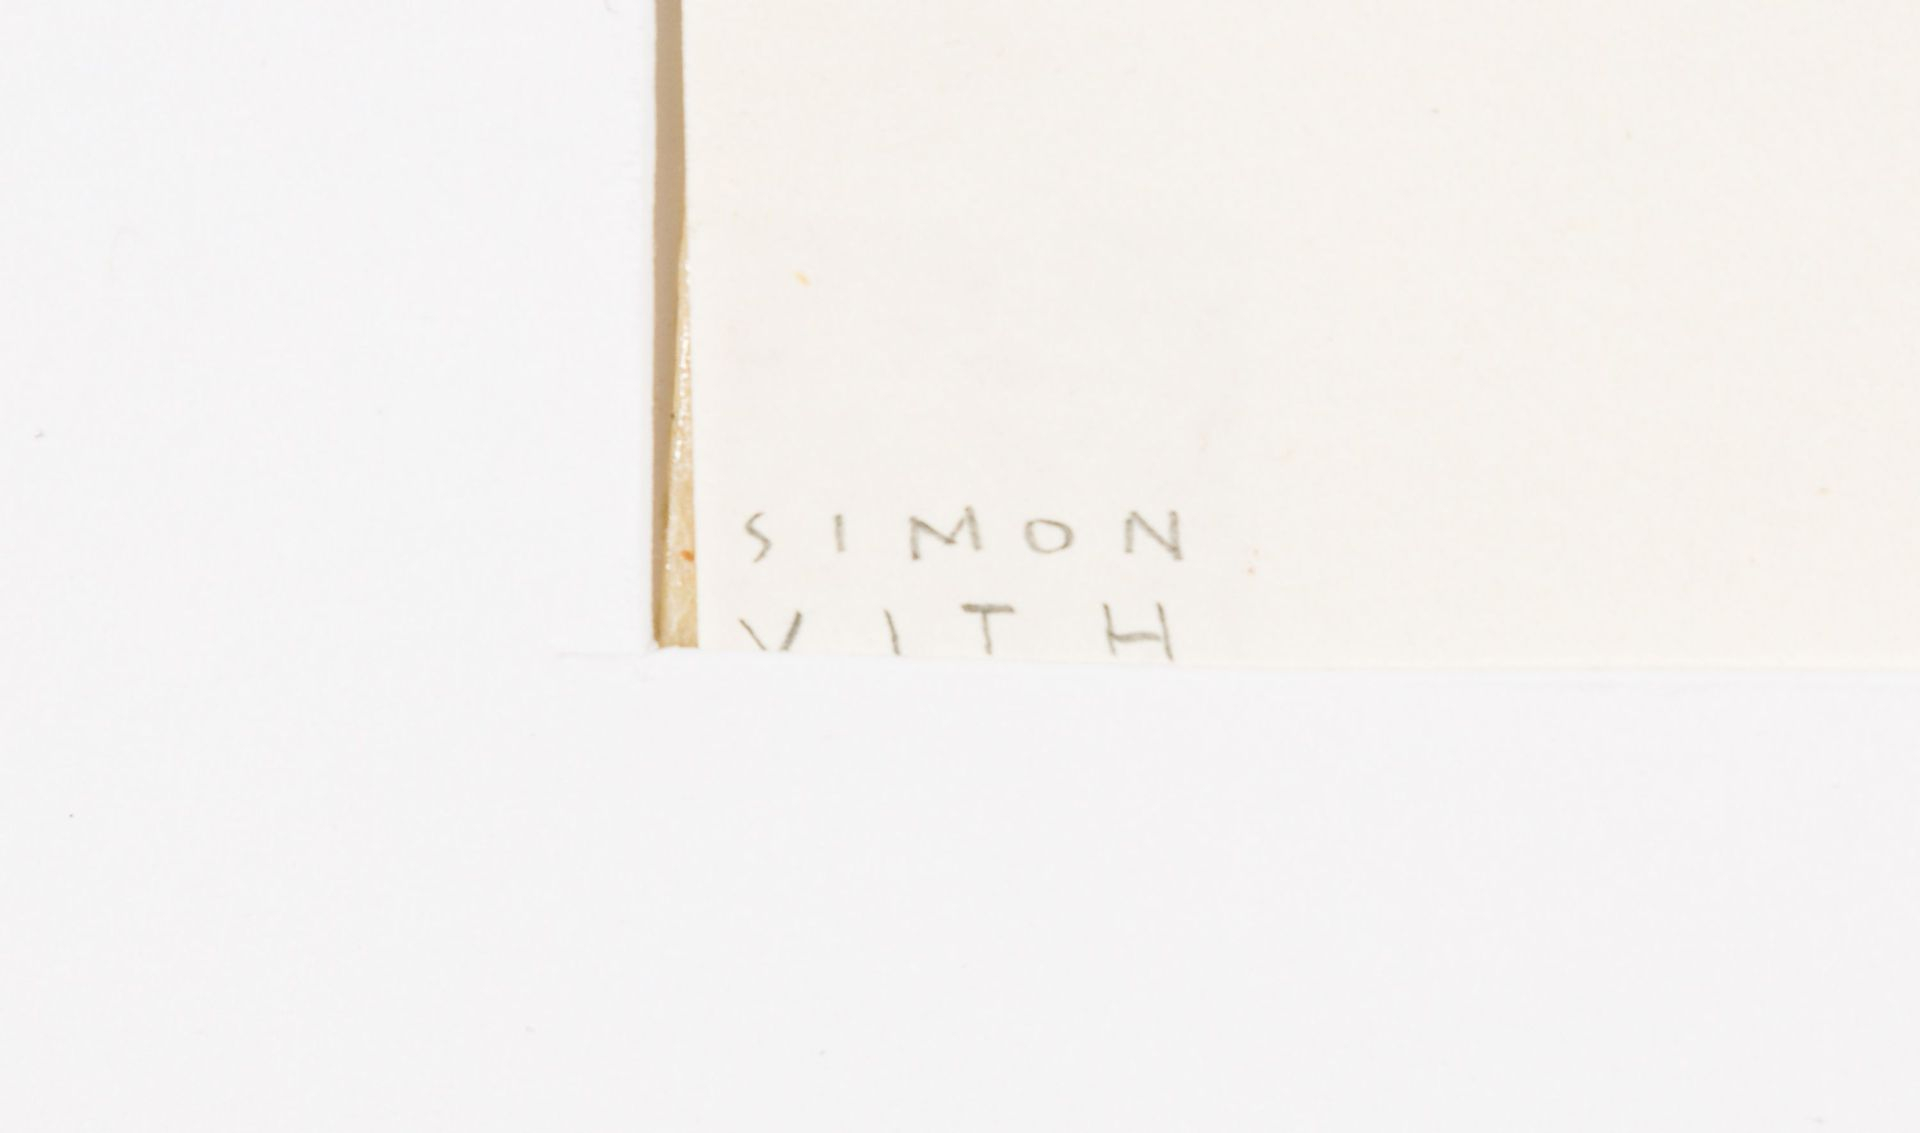 Simon Vith-Money launderer